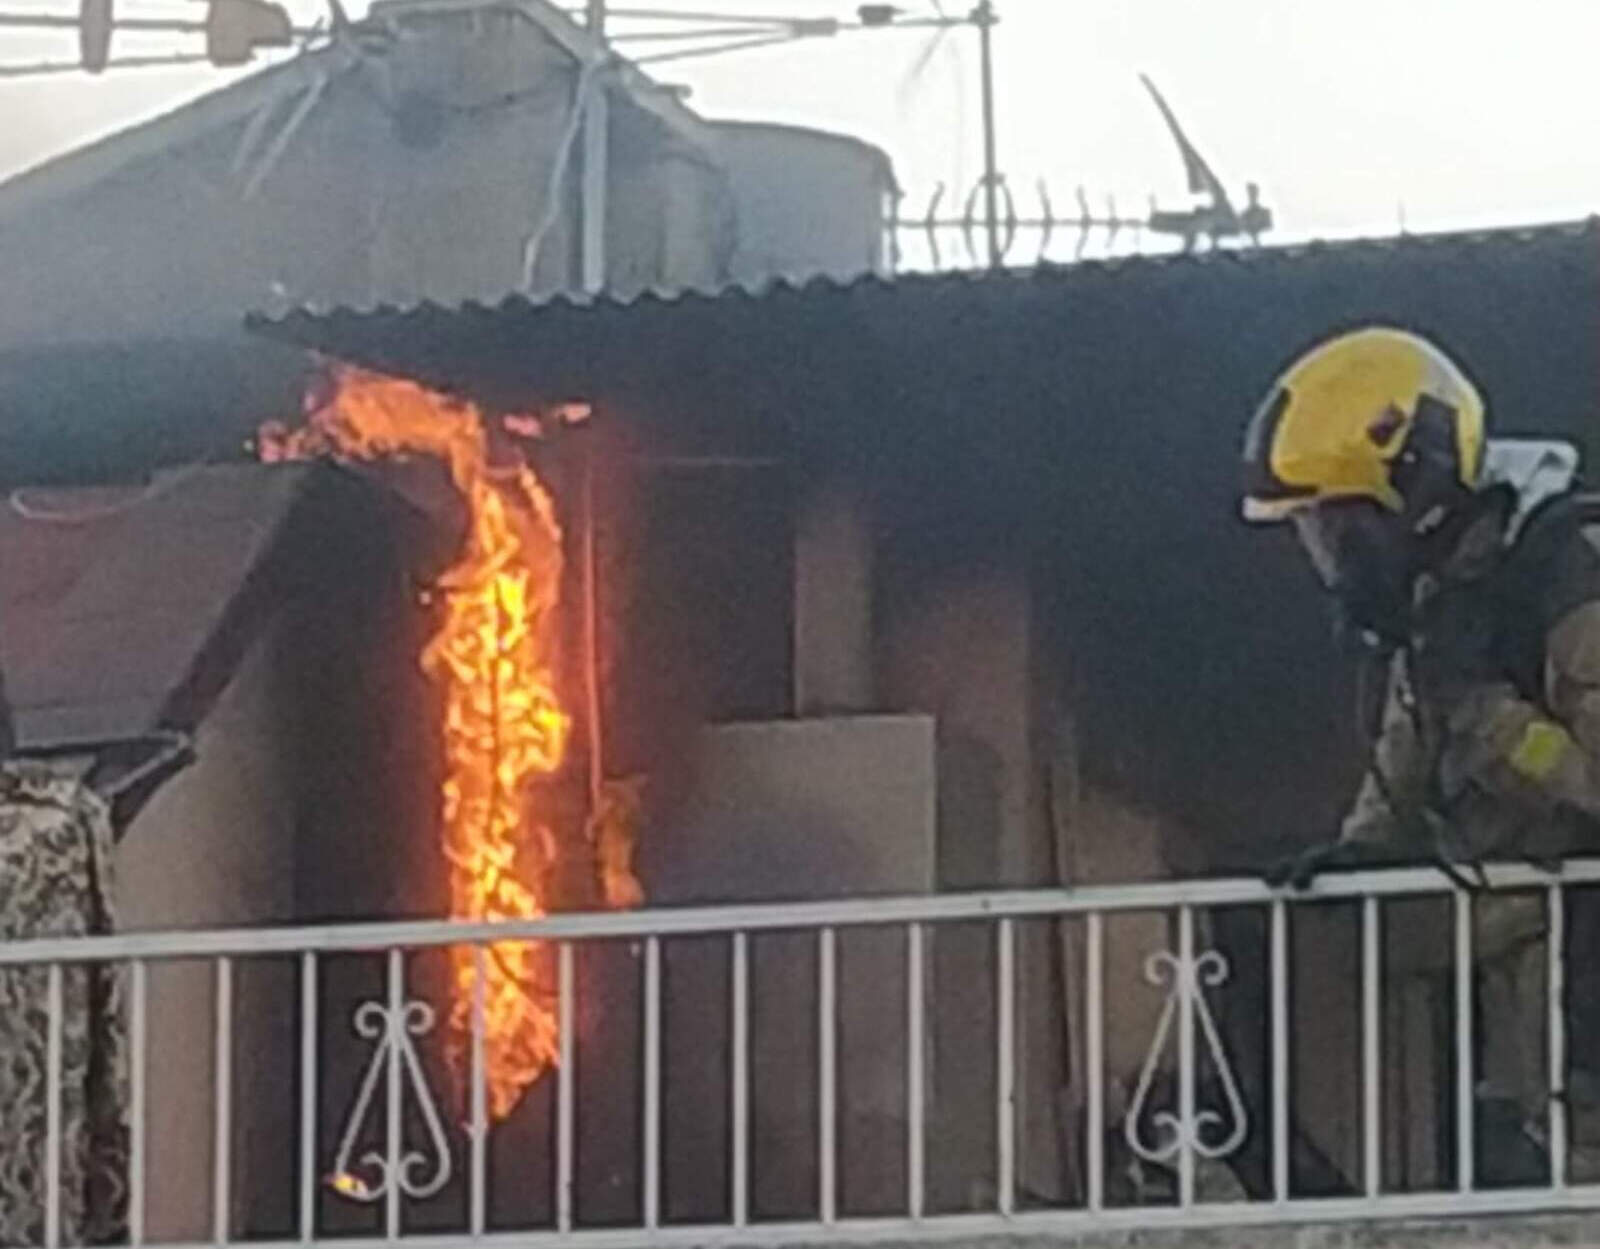 Foc en una terrassa d'un edifici de Terrassa